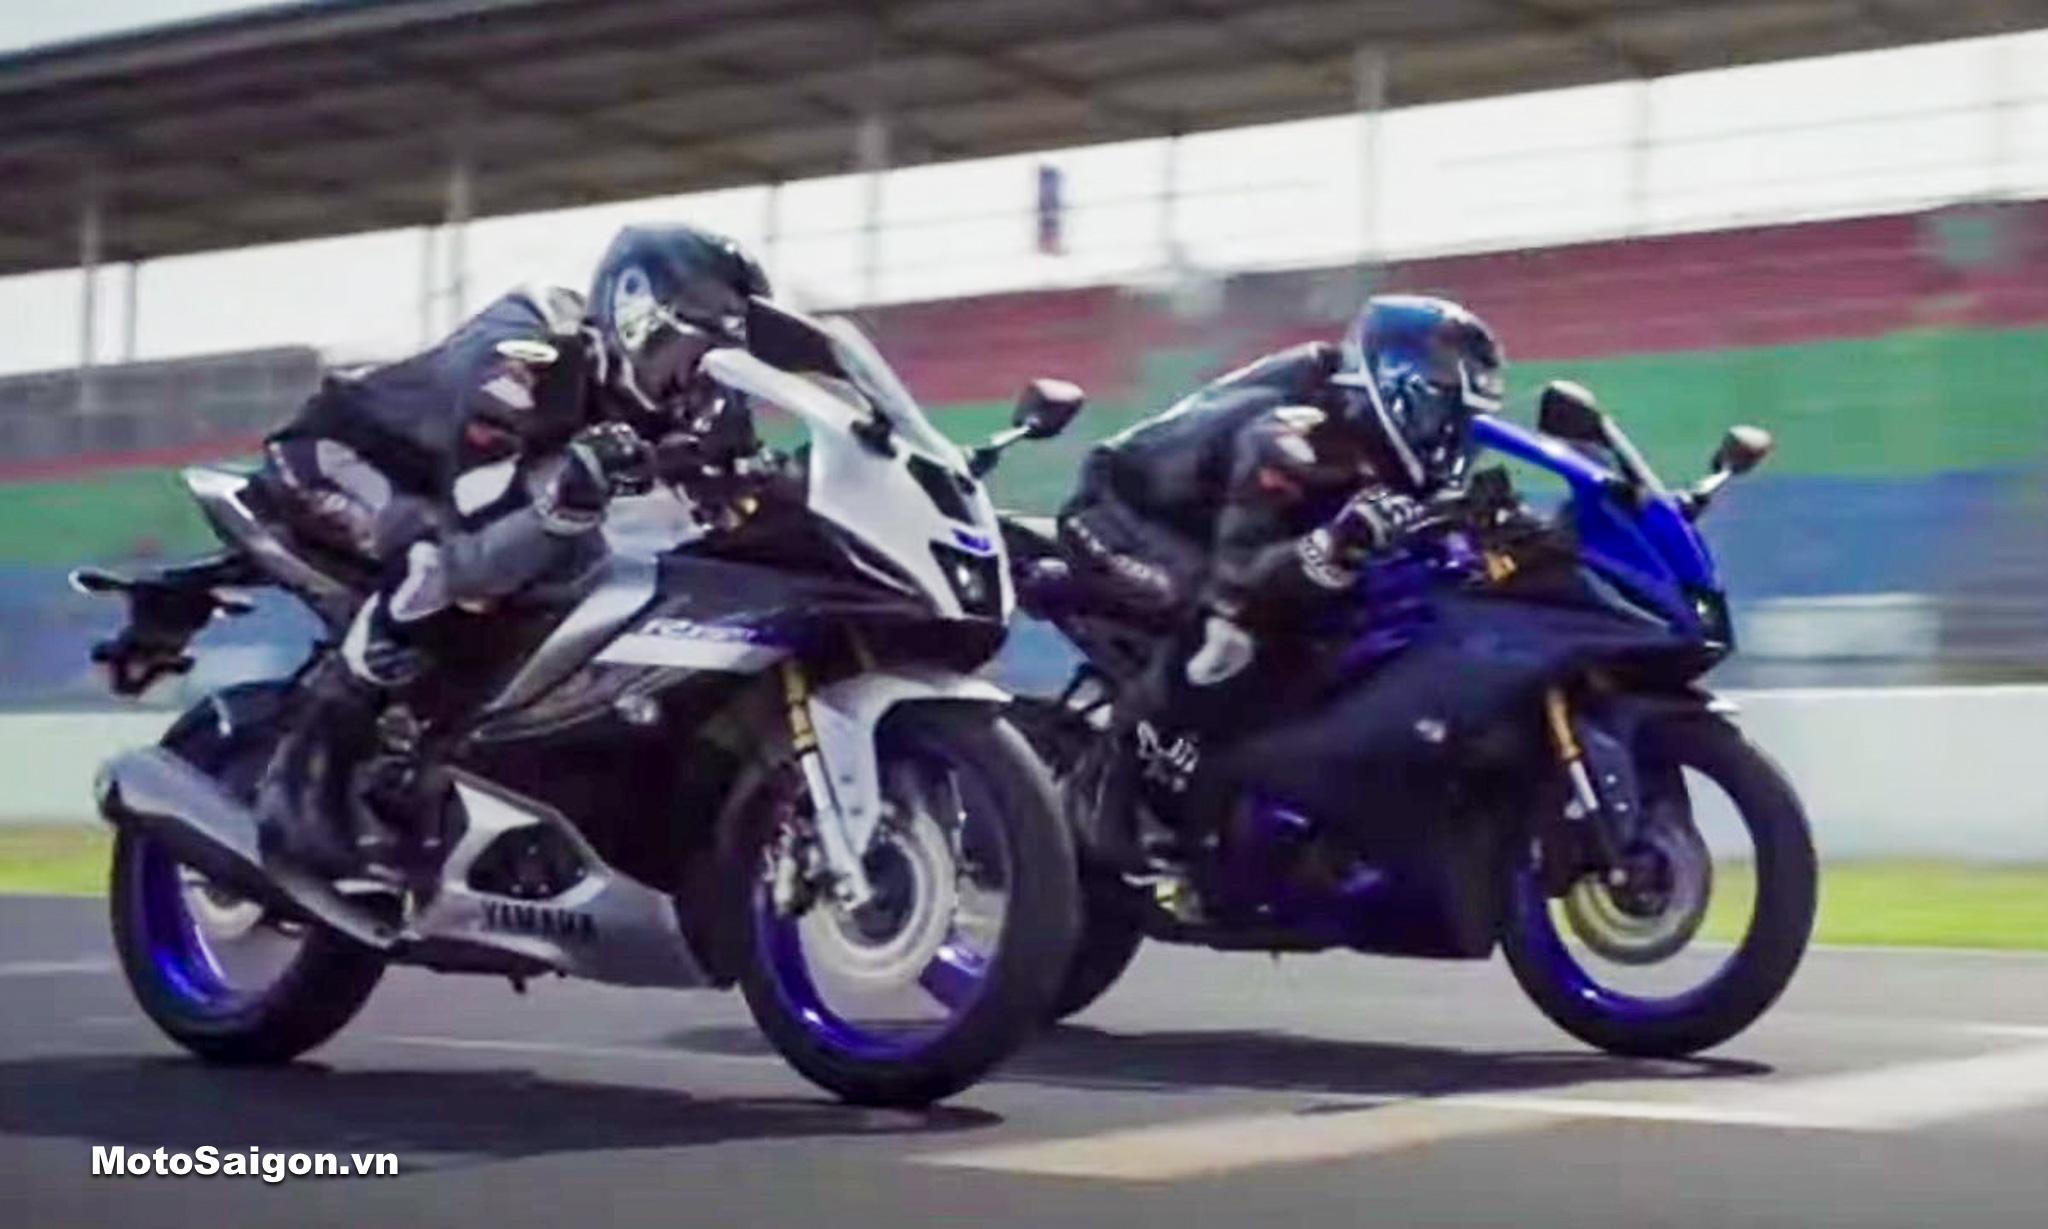 Yamaha R15 v4 R15M lộ ảnh trước giờ G có ABS kèm Quickshifter